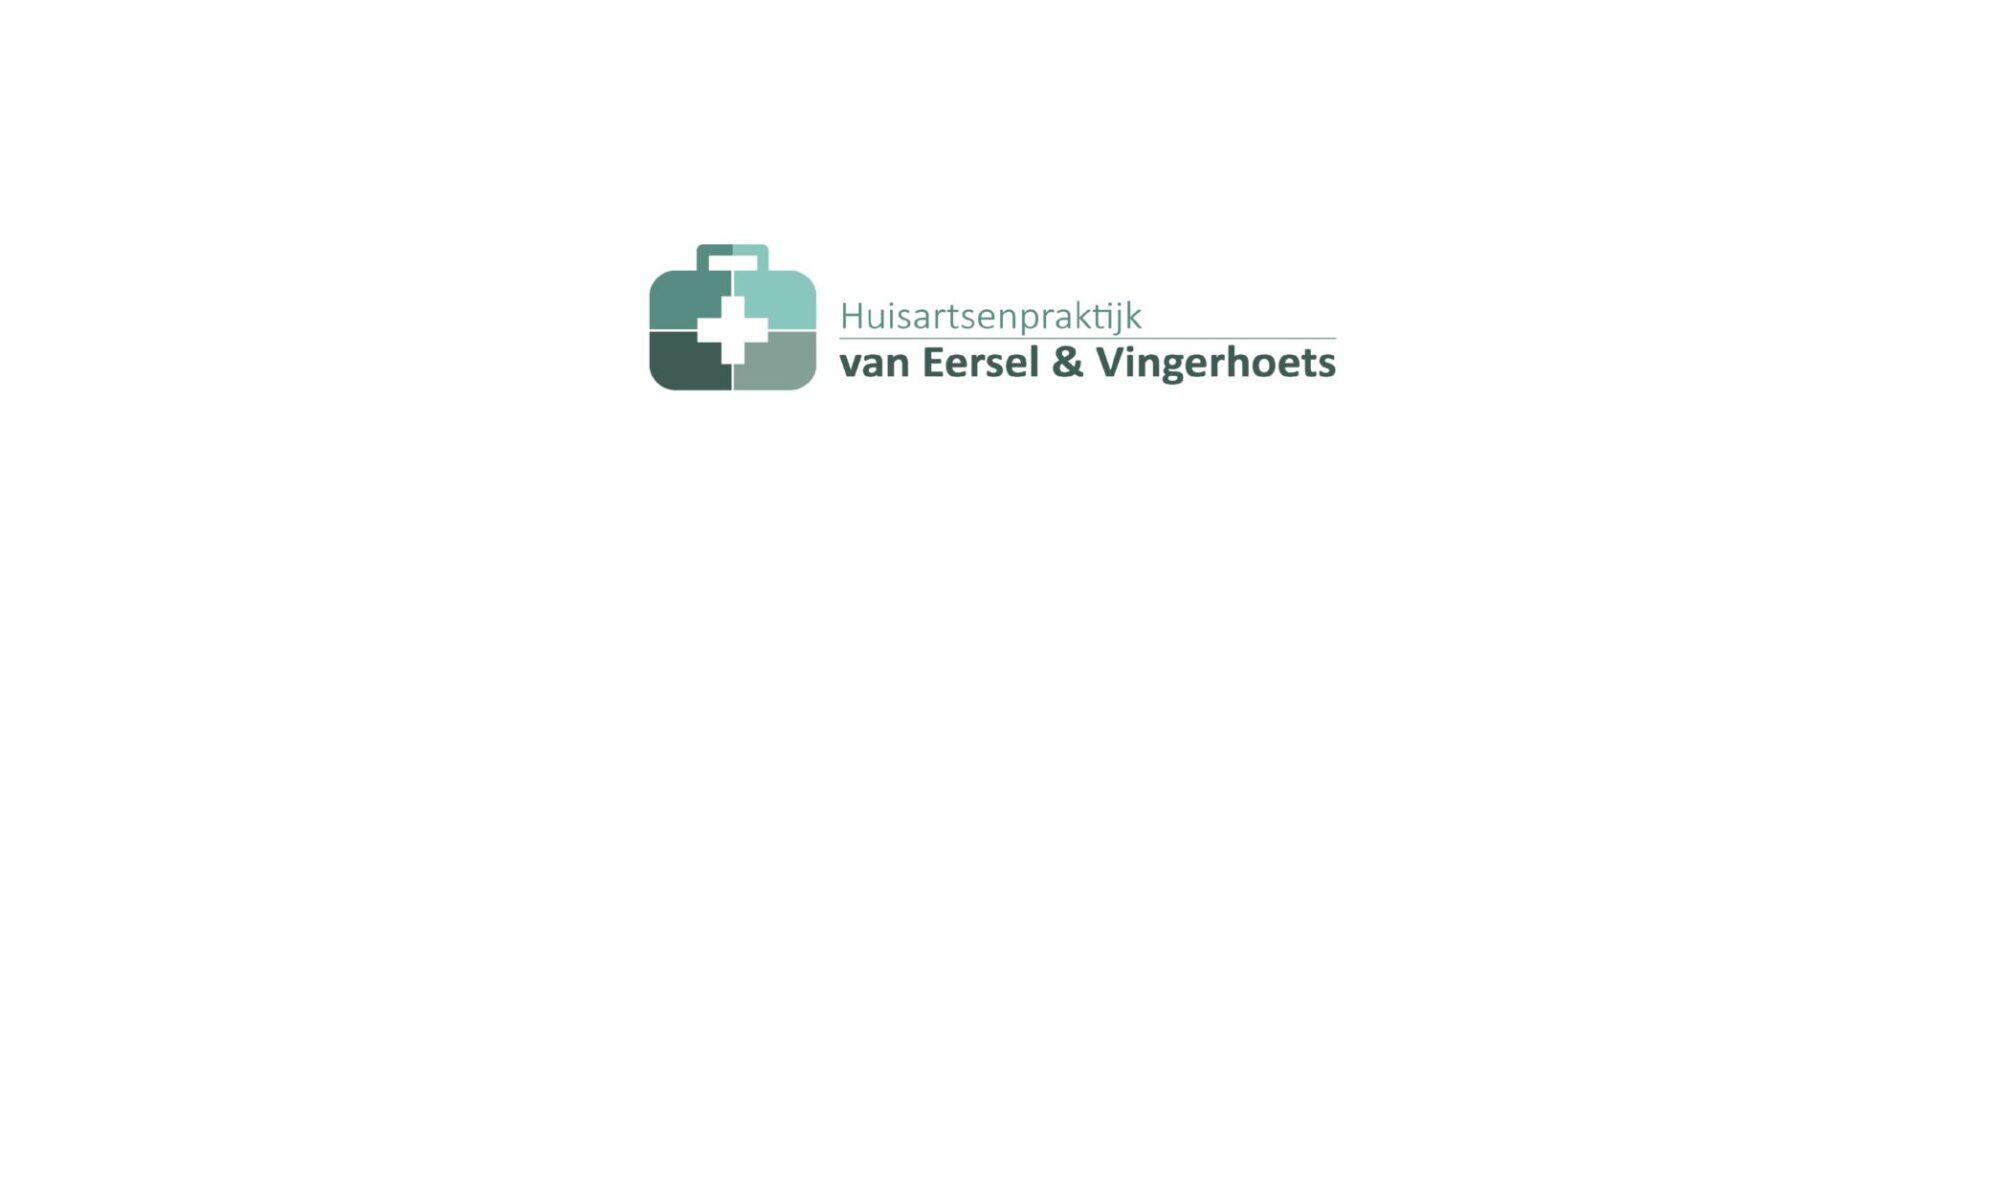 Huisartsenpraktijk van Eersel en Vingerhoets